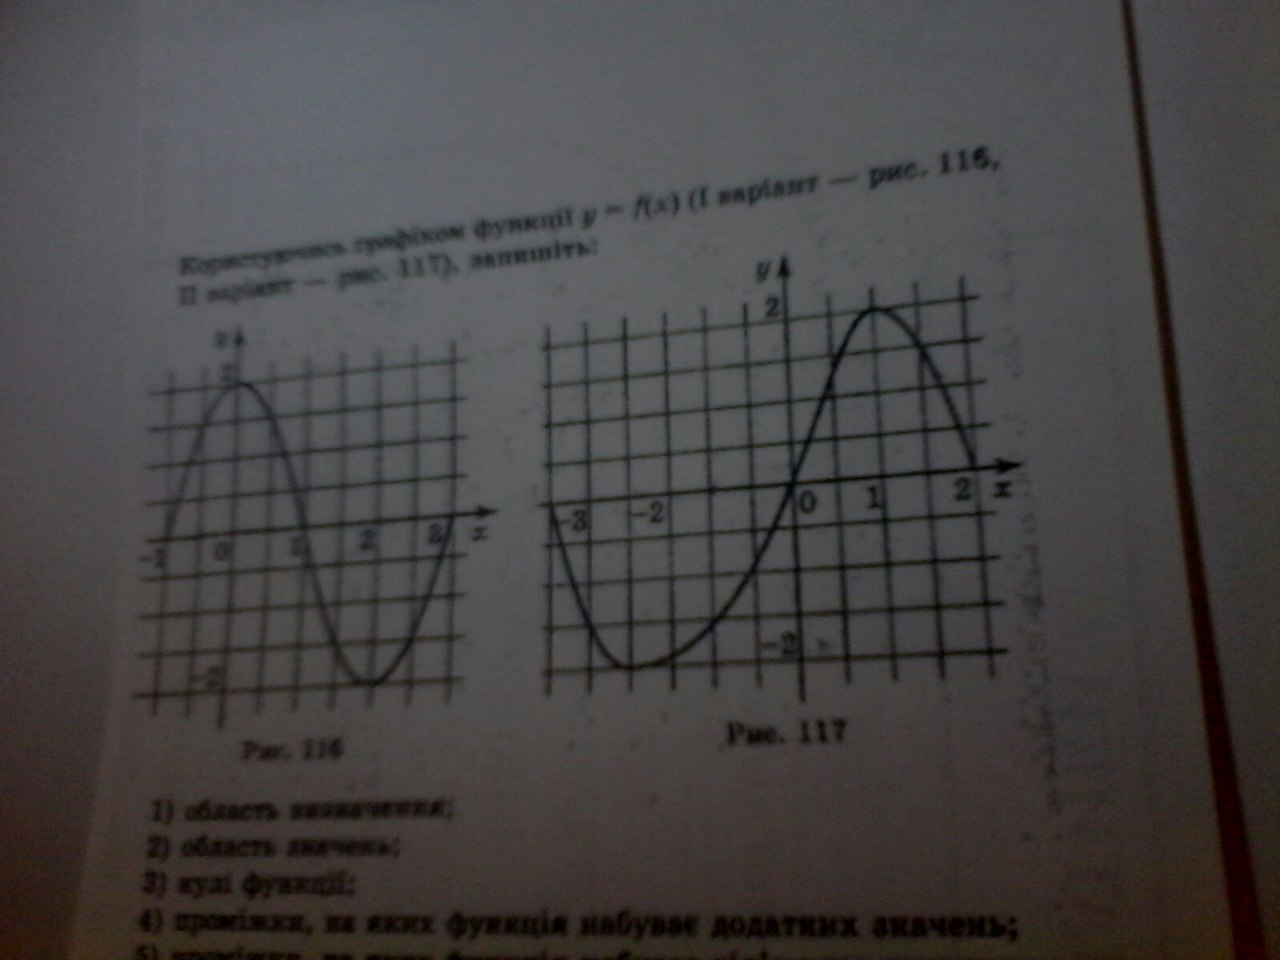 Помогите пожалуйста составить функцию пользуясь графиком функции y = f(x) на рис?